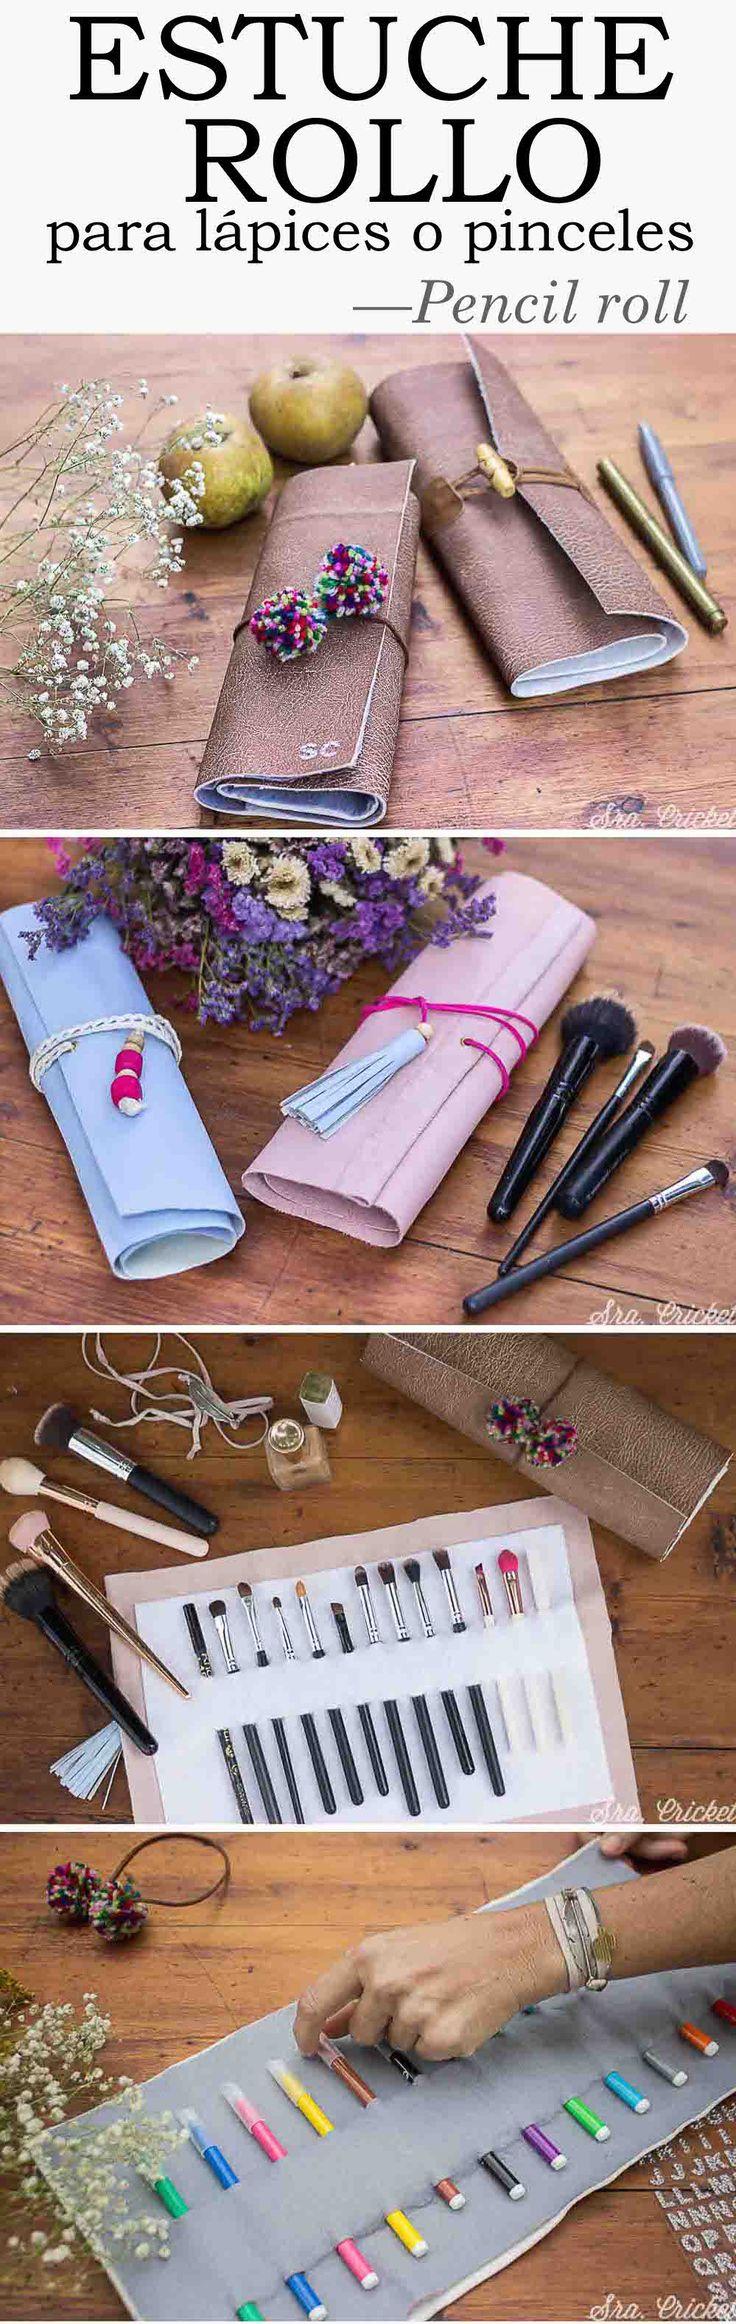 Craft, diy, estuche rollo para lápices, brochas o pinceles de maquillaje. #estucherollo #diy #manualidades #crafts #estucheenrollable #pencilroll #pencilwrap #makeupcase